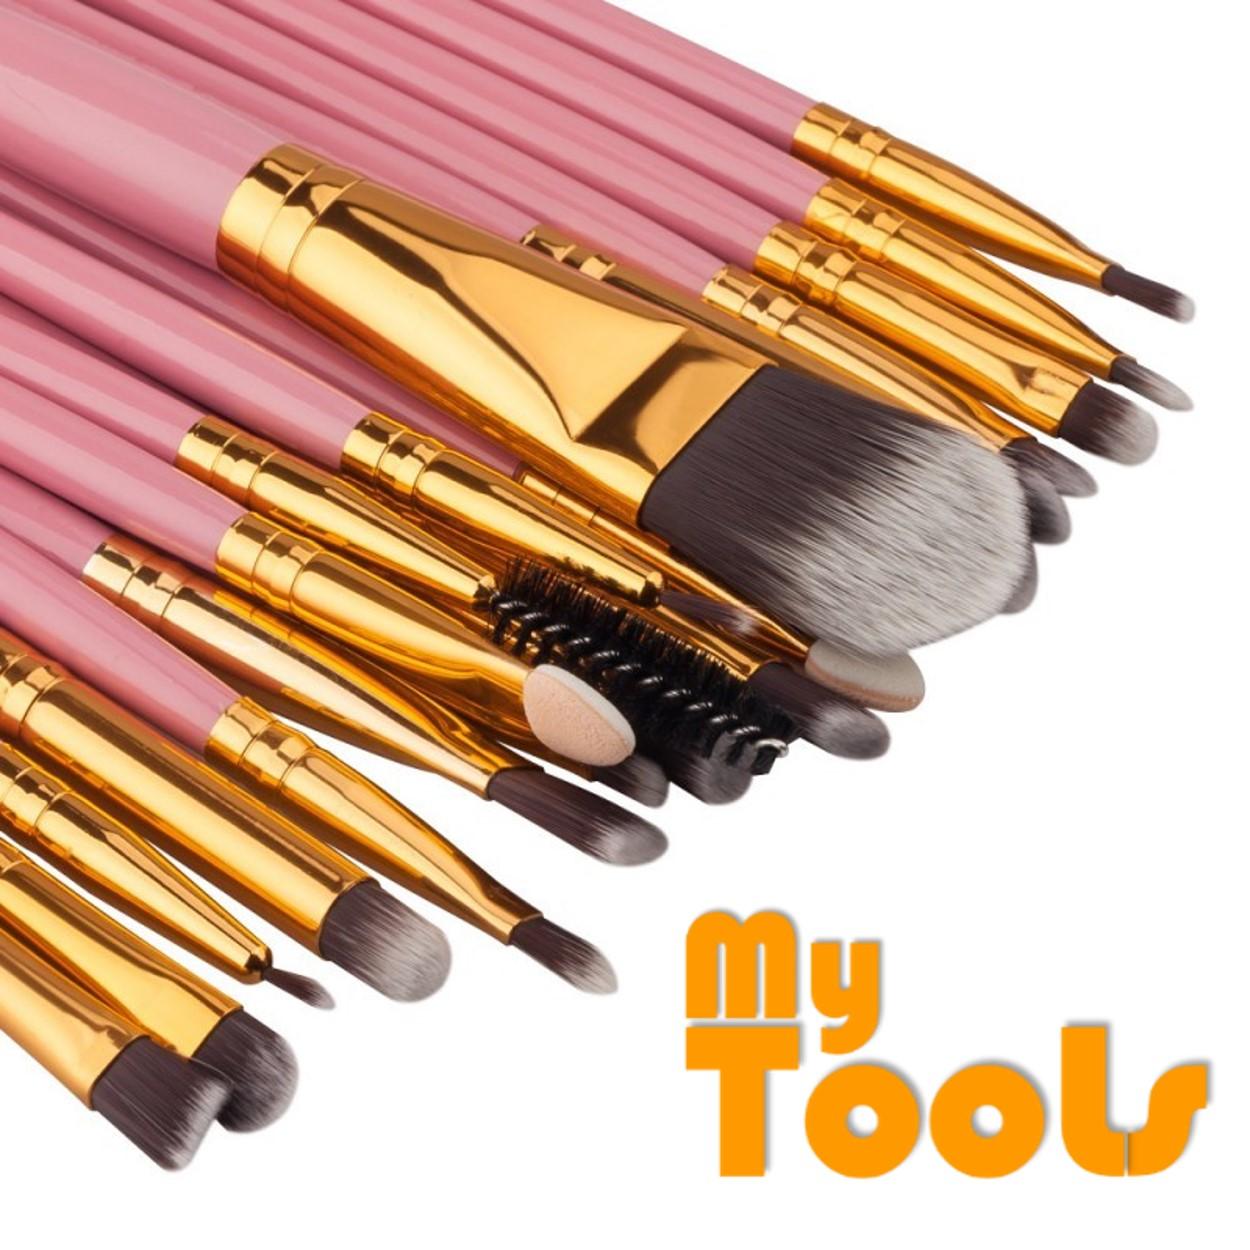 20PCS Make Up Brushes Professional Cosmetic Plastic Handle Basic Eyebrow Eyeshadow Mascara Lip Makeup Brush Set (Pink & Gold)